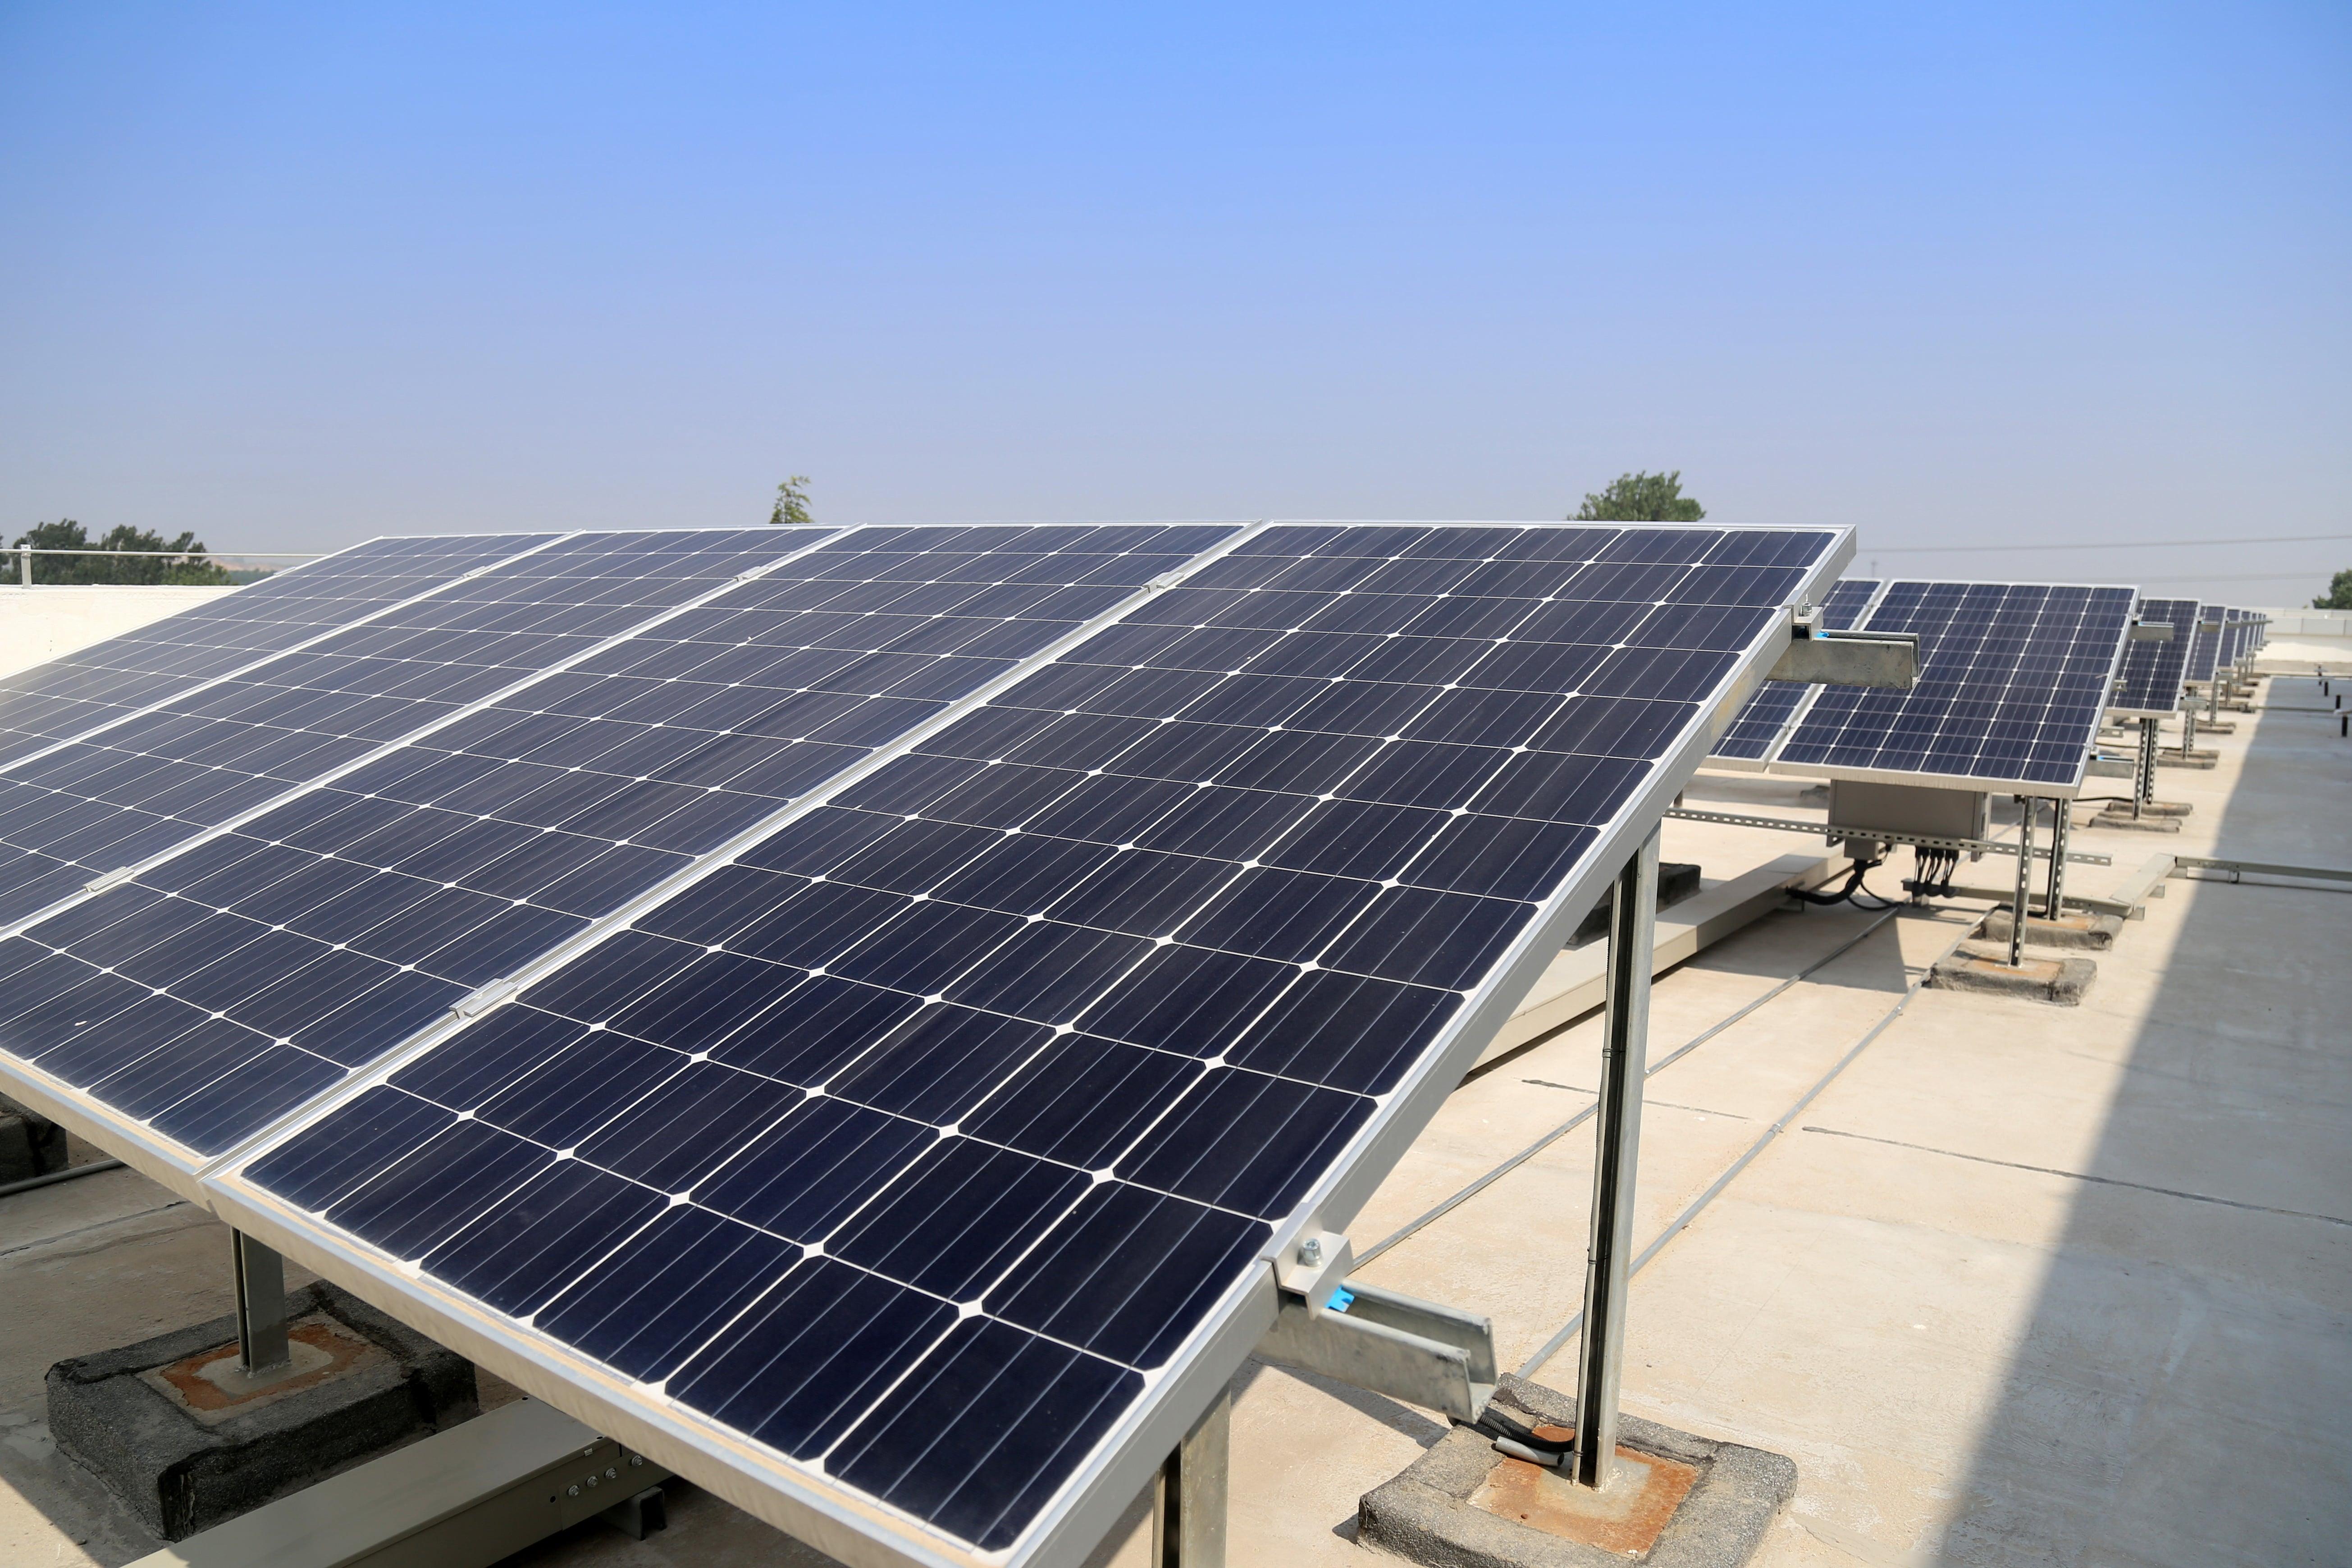 Loriguilla instalará placas fotovoltaicas en dos de sus edificios municipales